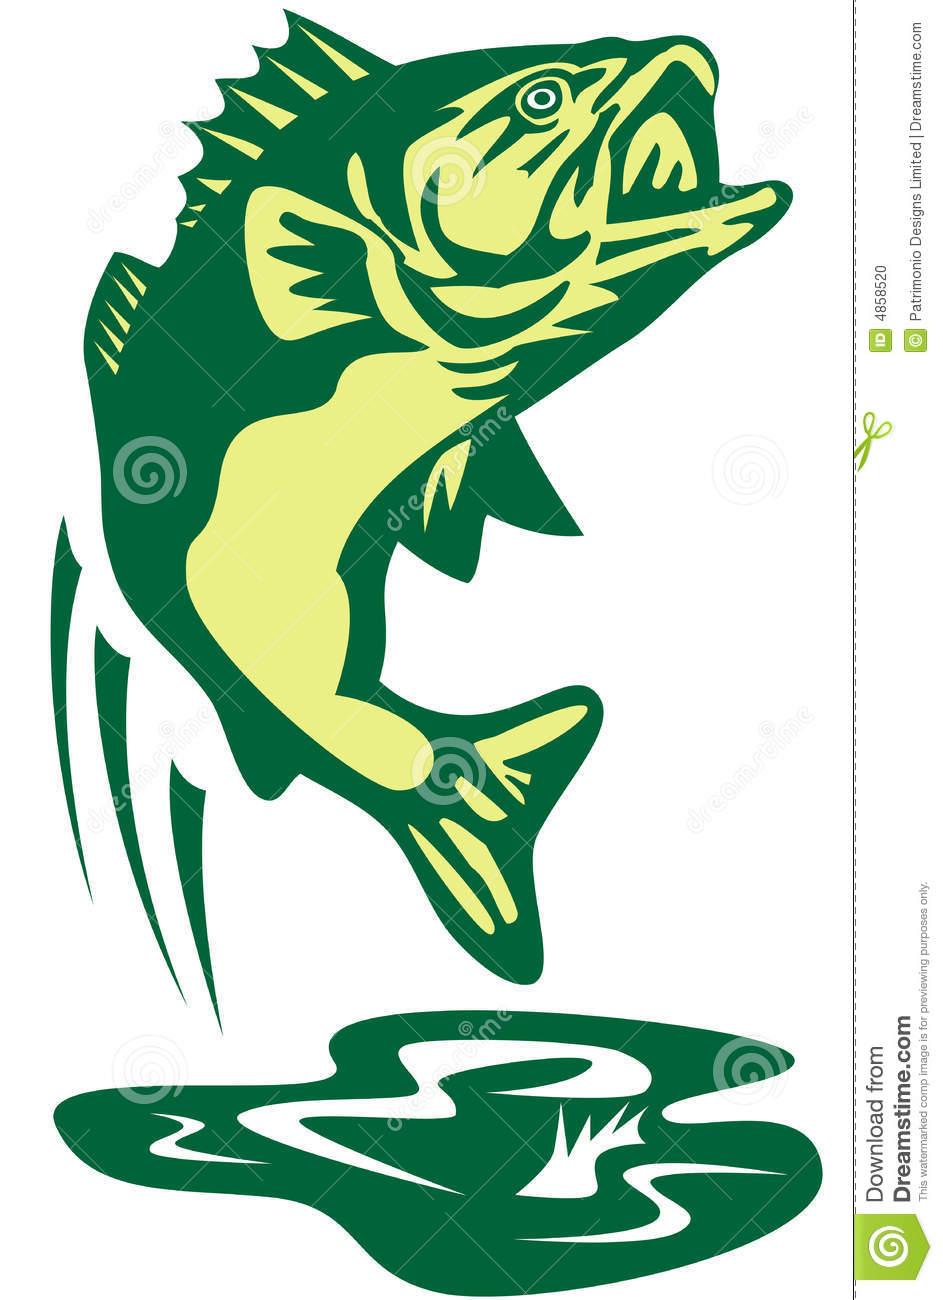 bass fishing clipart viewing clipart panda free clipart images rh clipartpanda com bass fishing boat clip art bass fish clip art black and white